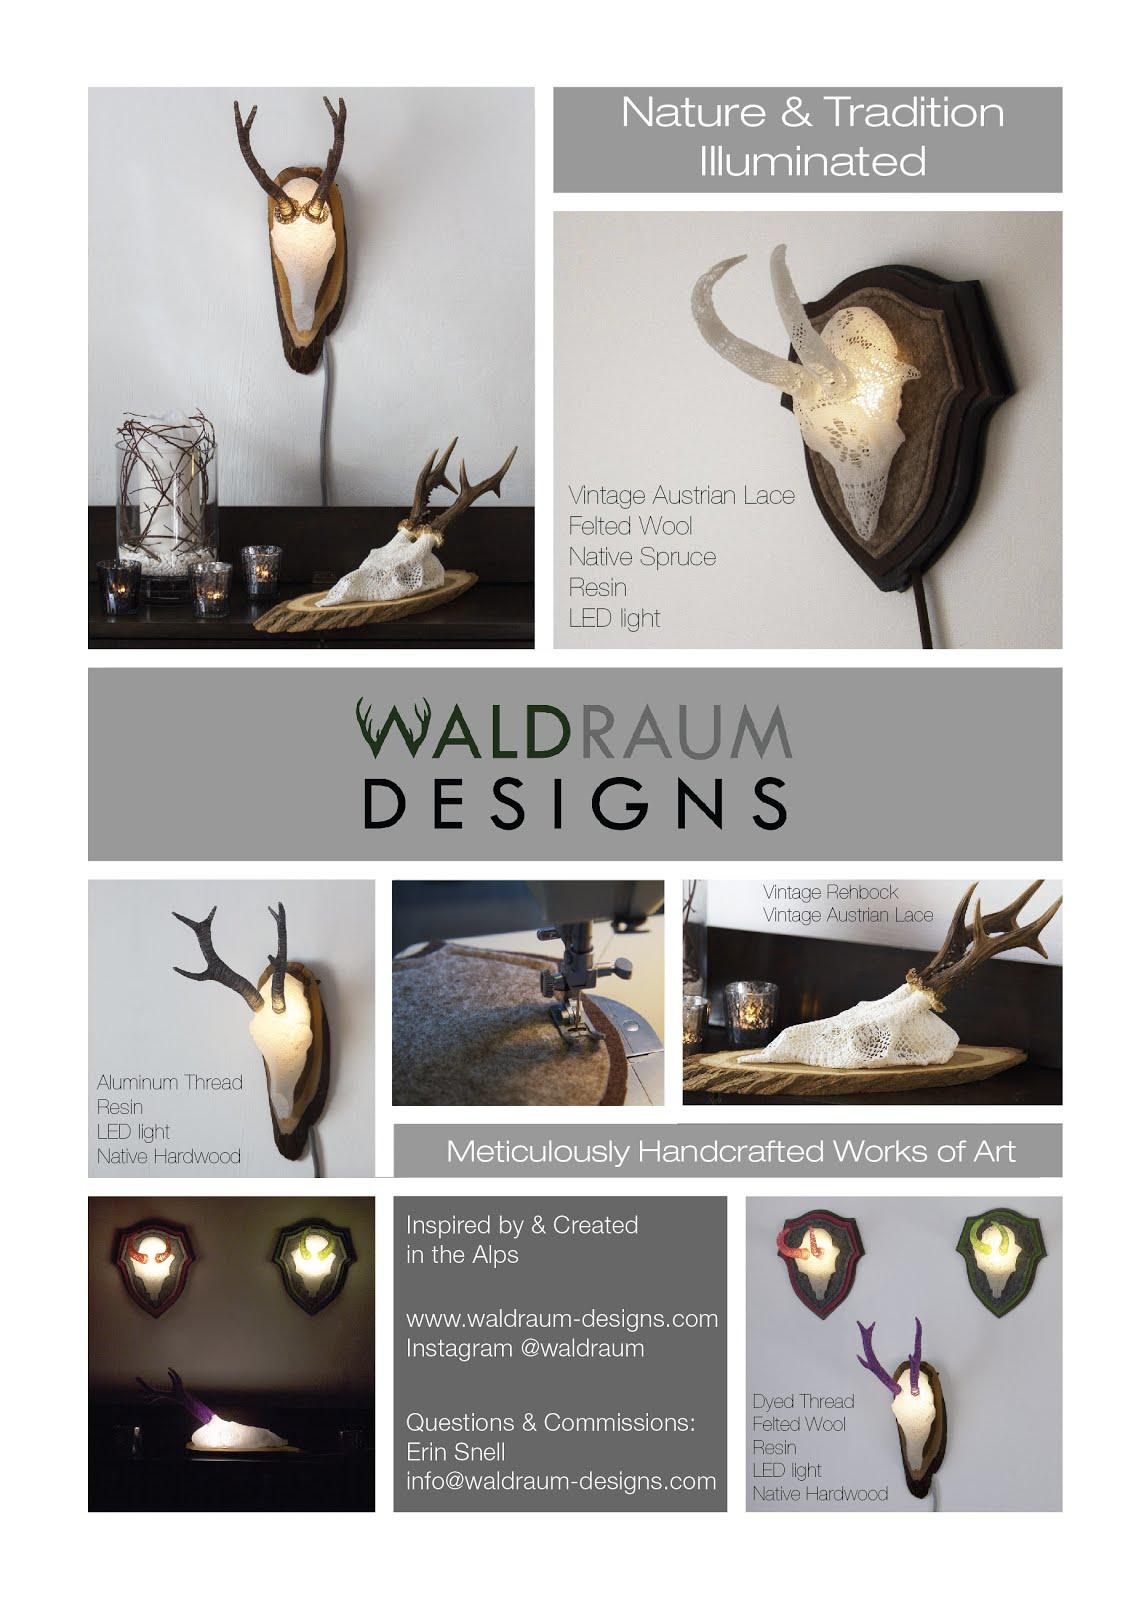 Waldraum Designs